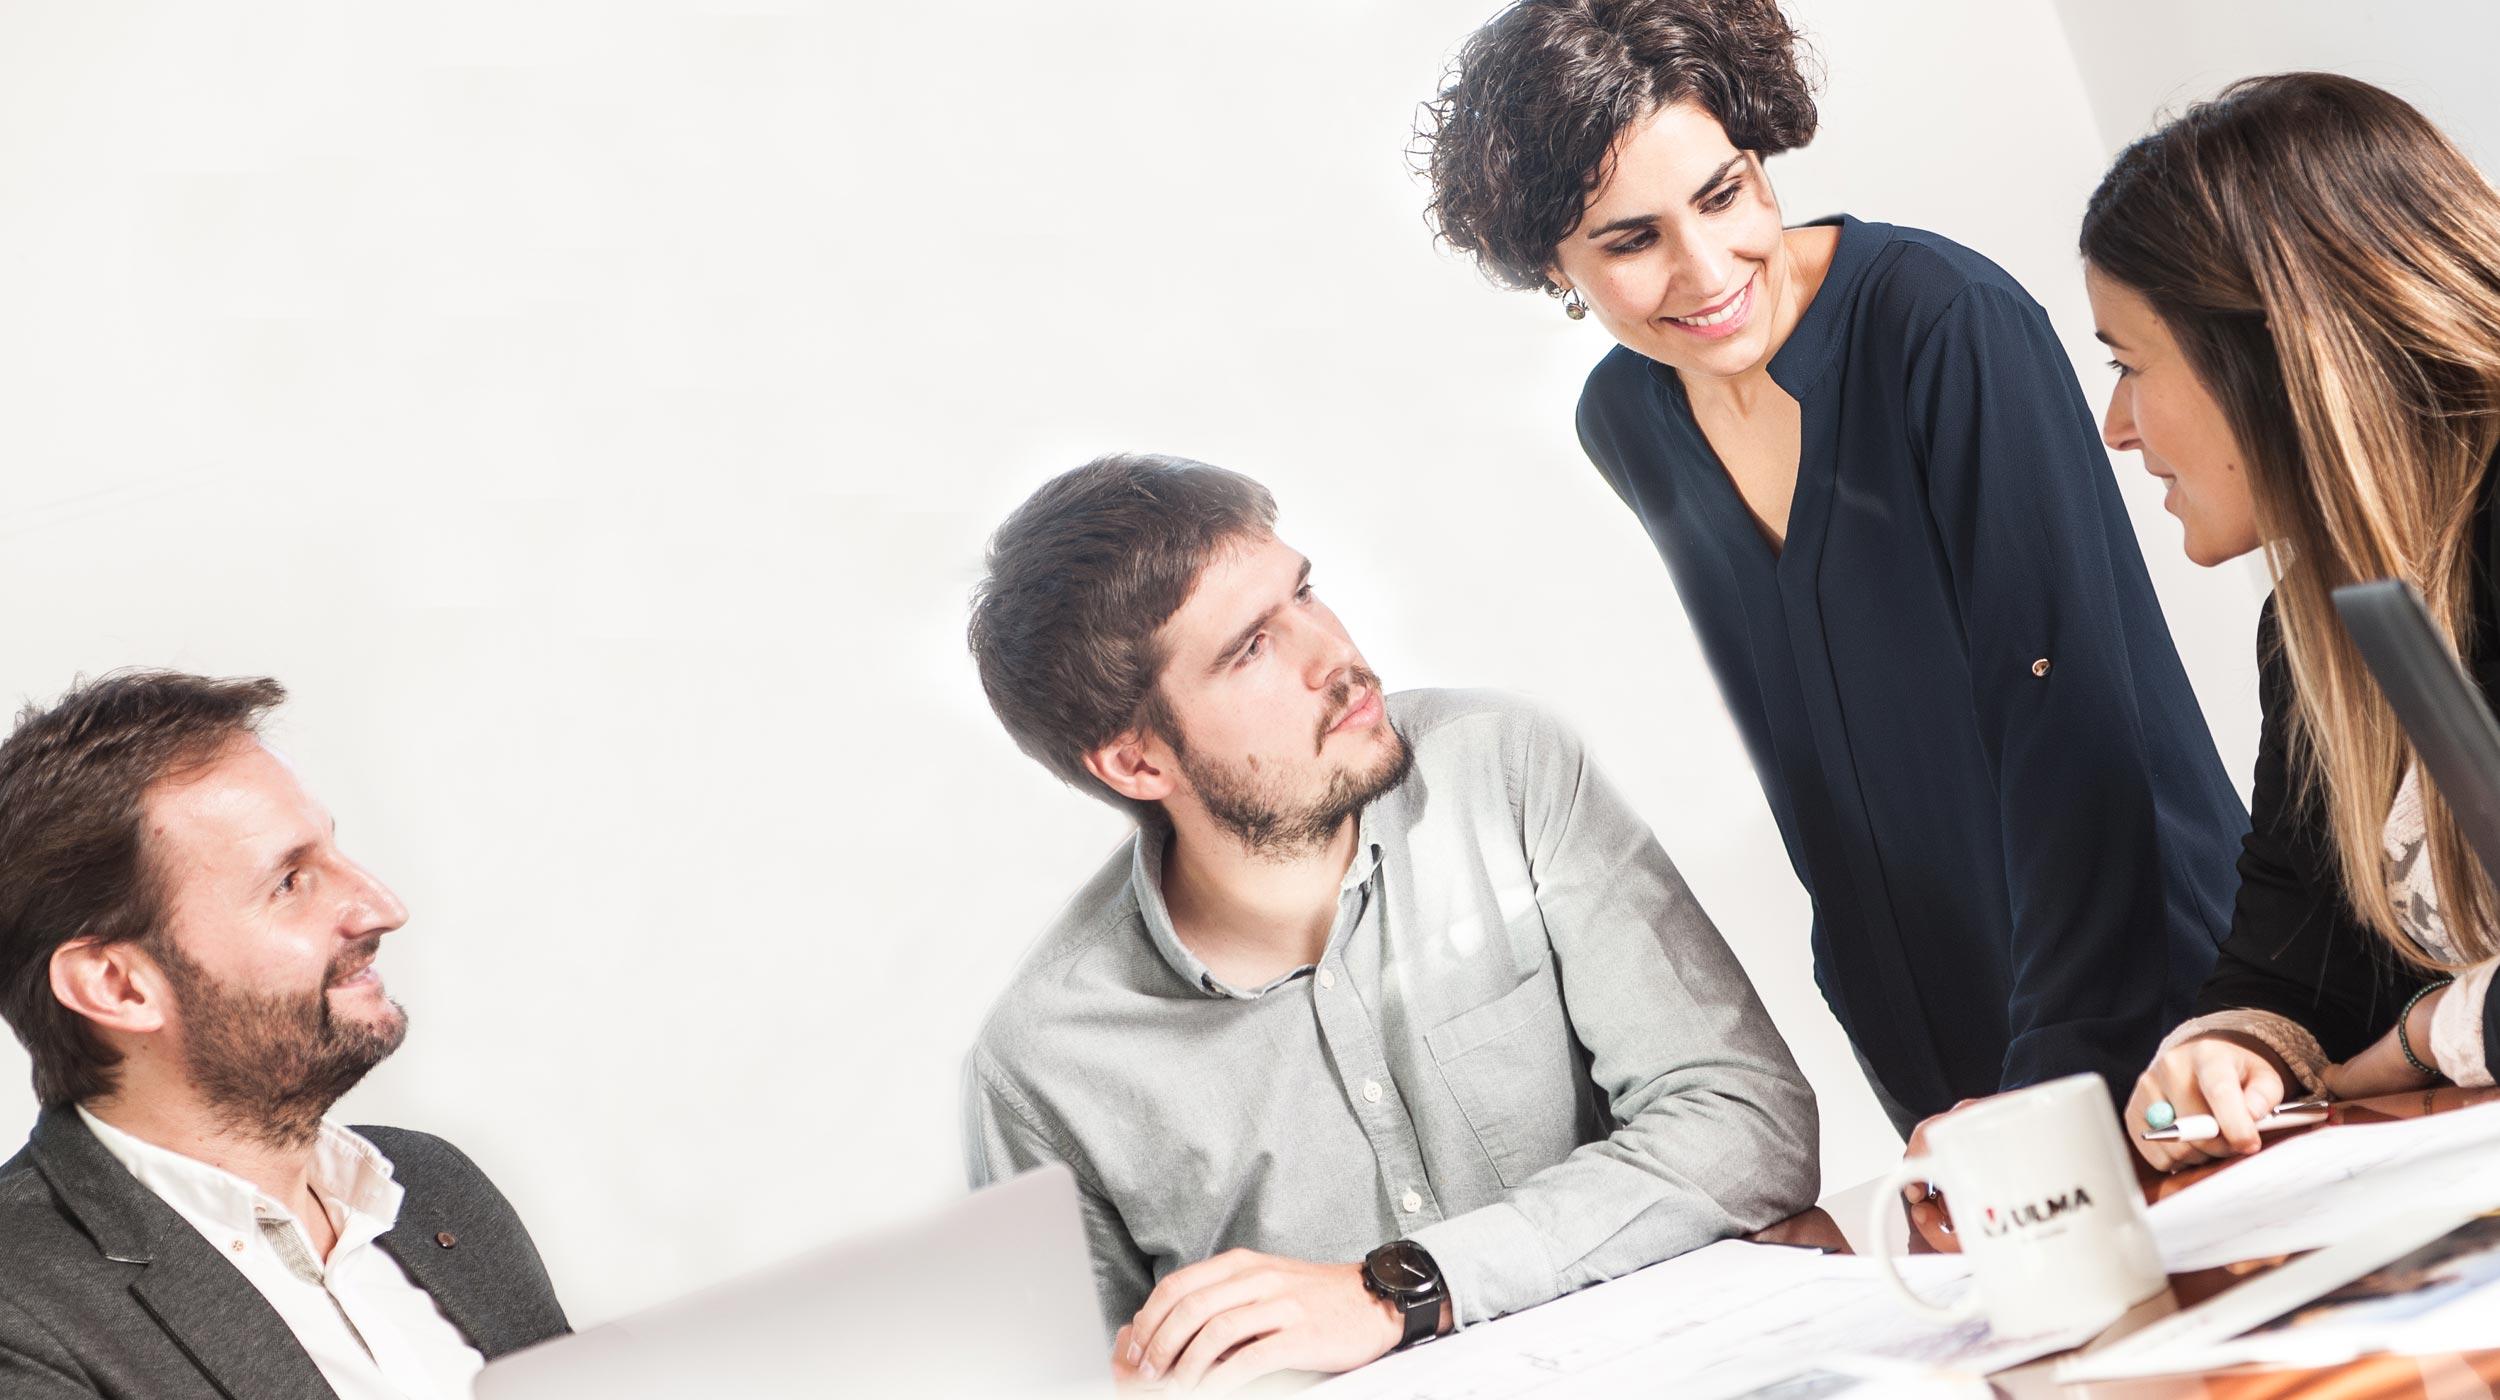 Buscamos talento. Buscamos personas creativas y predispuestas que sean capaces de innovar. Si das con el perfil, te estamos buscando.